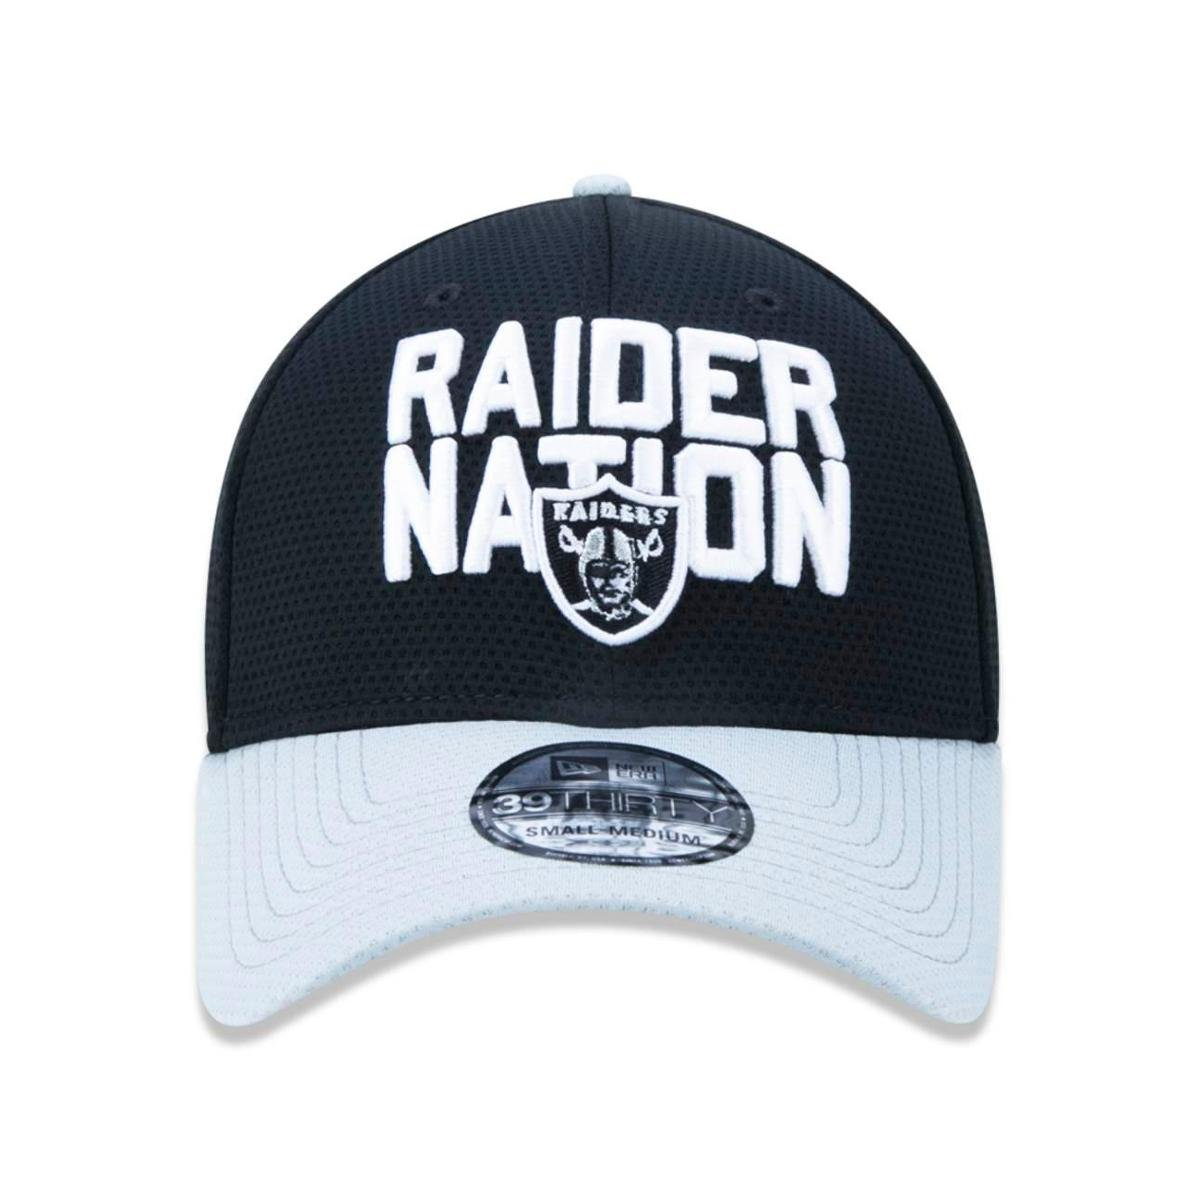 a232313b28 Boné 3930 Oakland Raiders NFL Aba Curva New Era - Preto - Compre ...